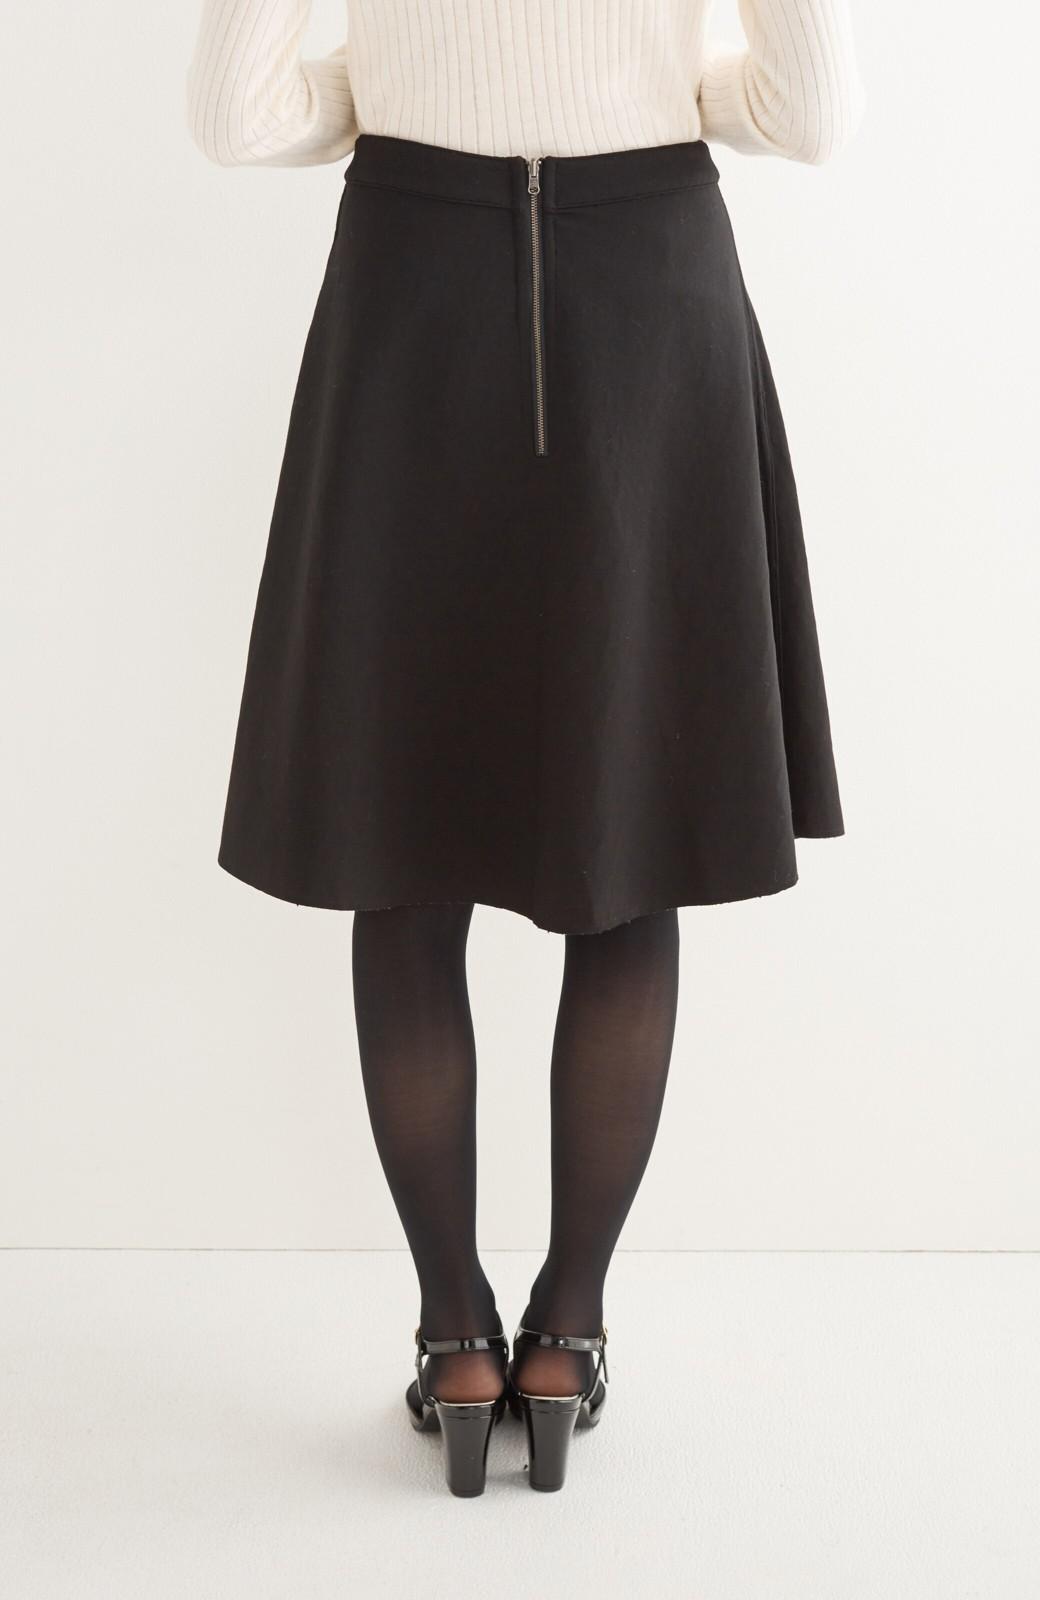 エムトロワ 定番ブラックと華やかレースのリバーシブルフレアースカート <ブラック>の商品写真7